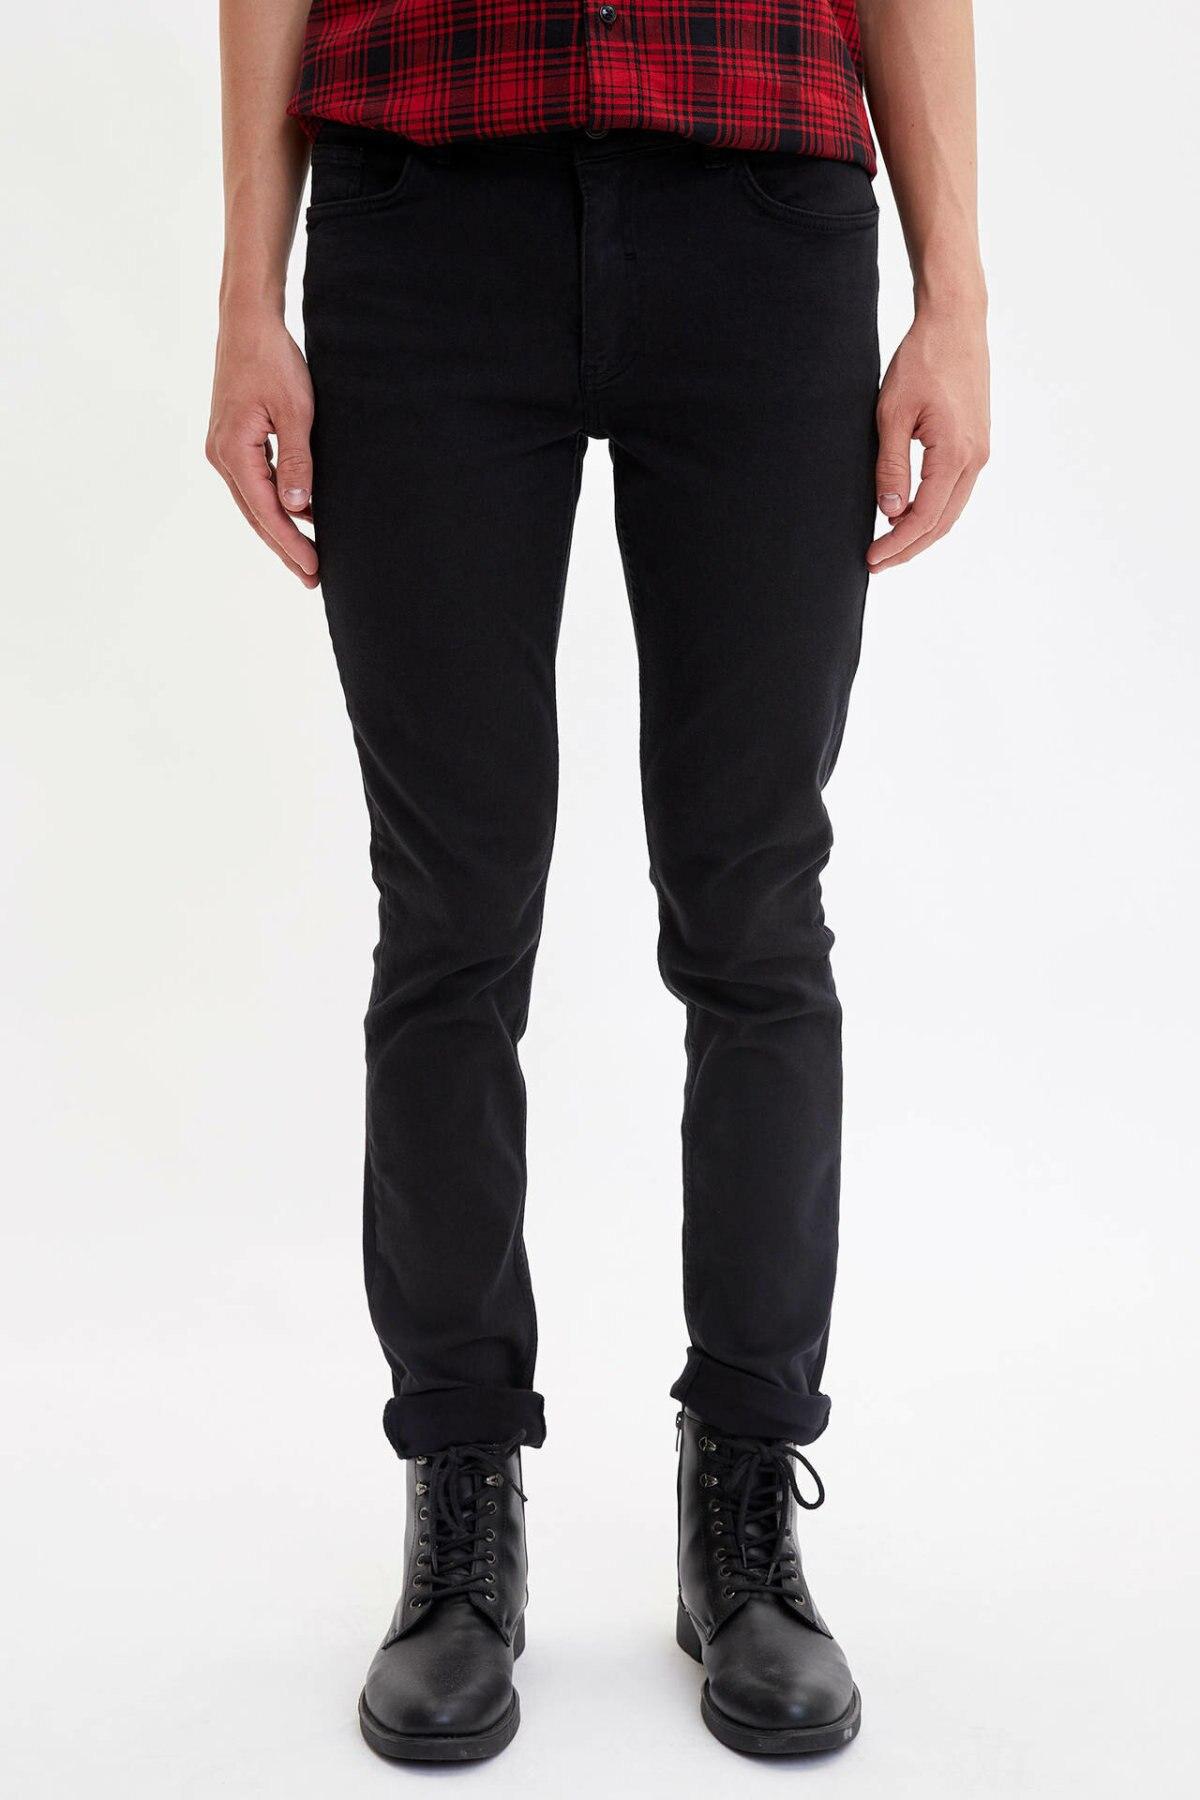 DeFacto Man Casual Black Long Pants Men Skinny Fit Bottoms Male Mid-waist Pants Trousers-L3297AZ19AU